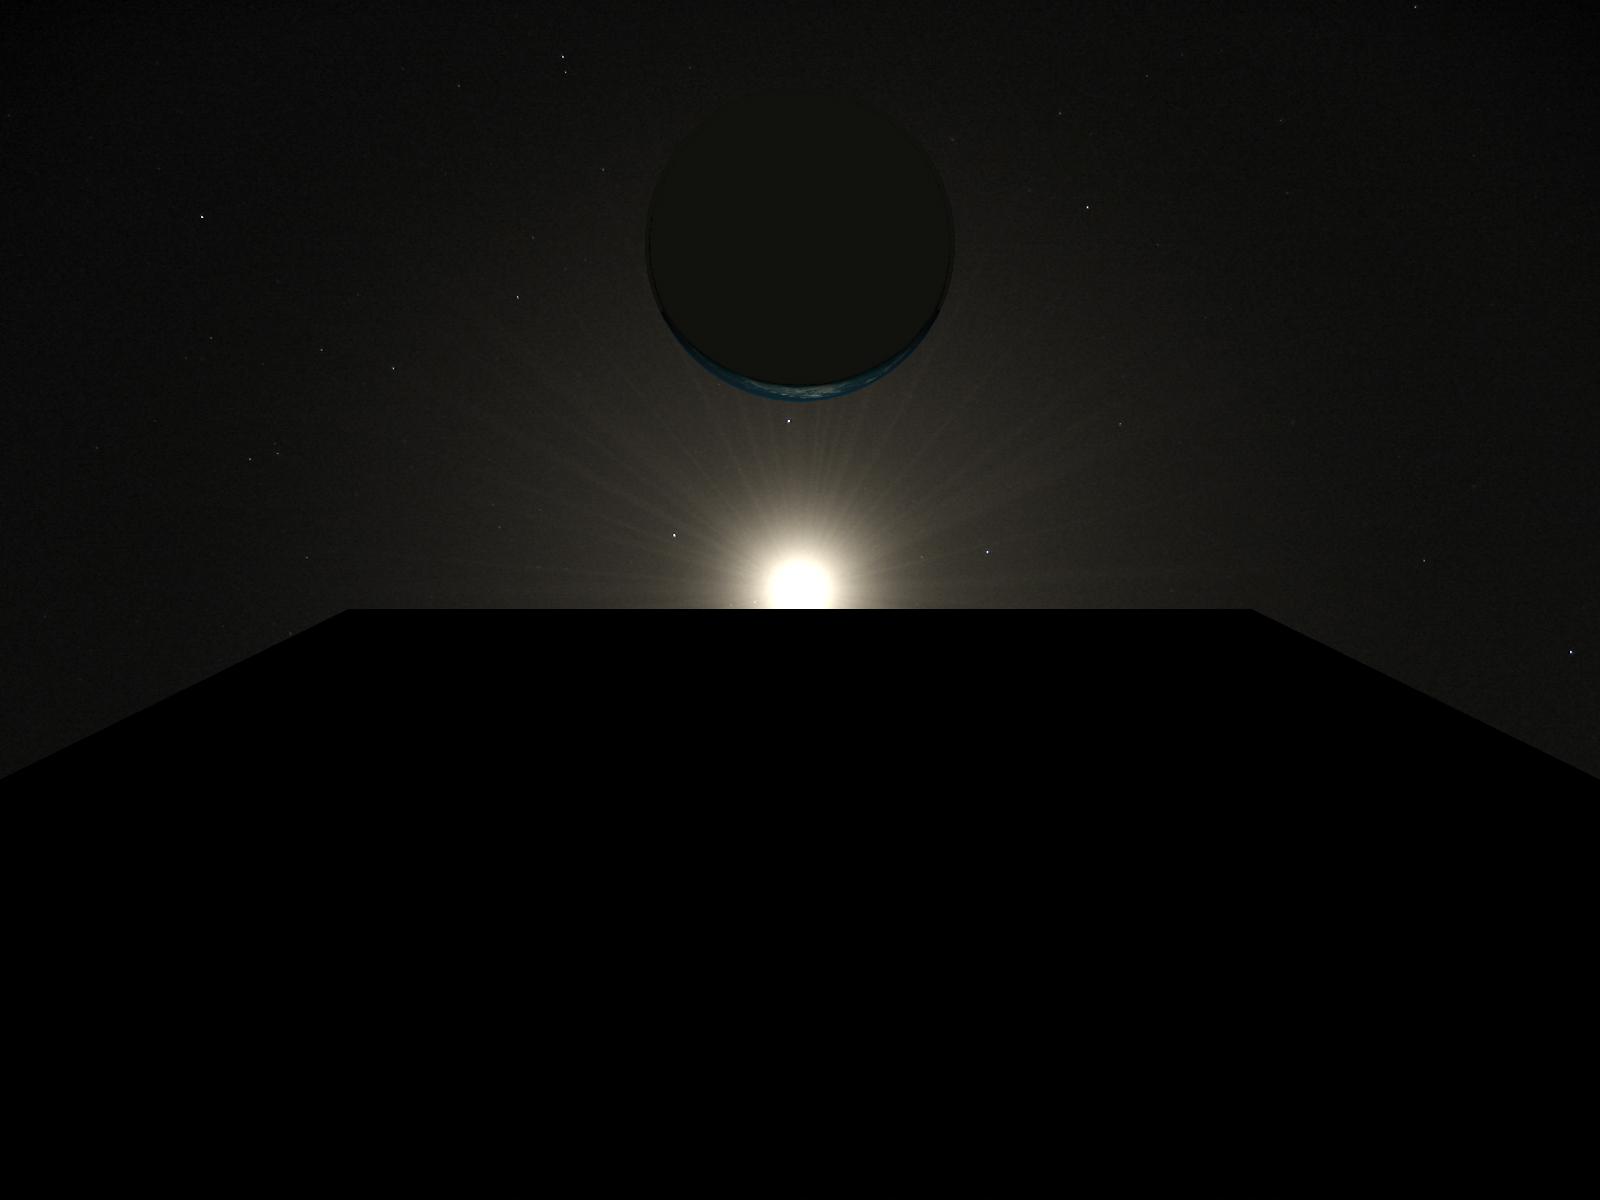 Monolith-Earth-Moon